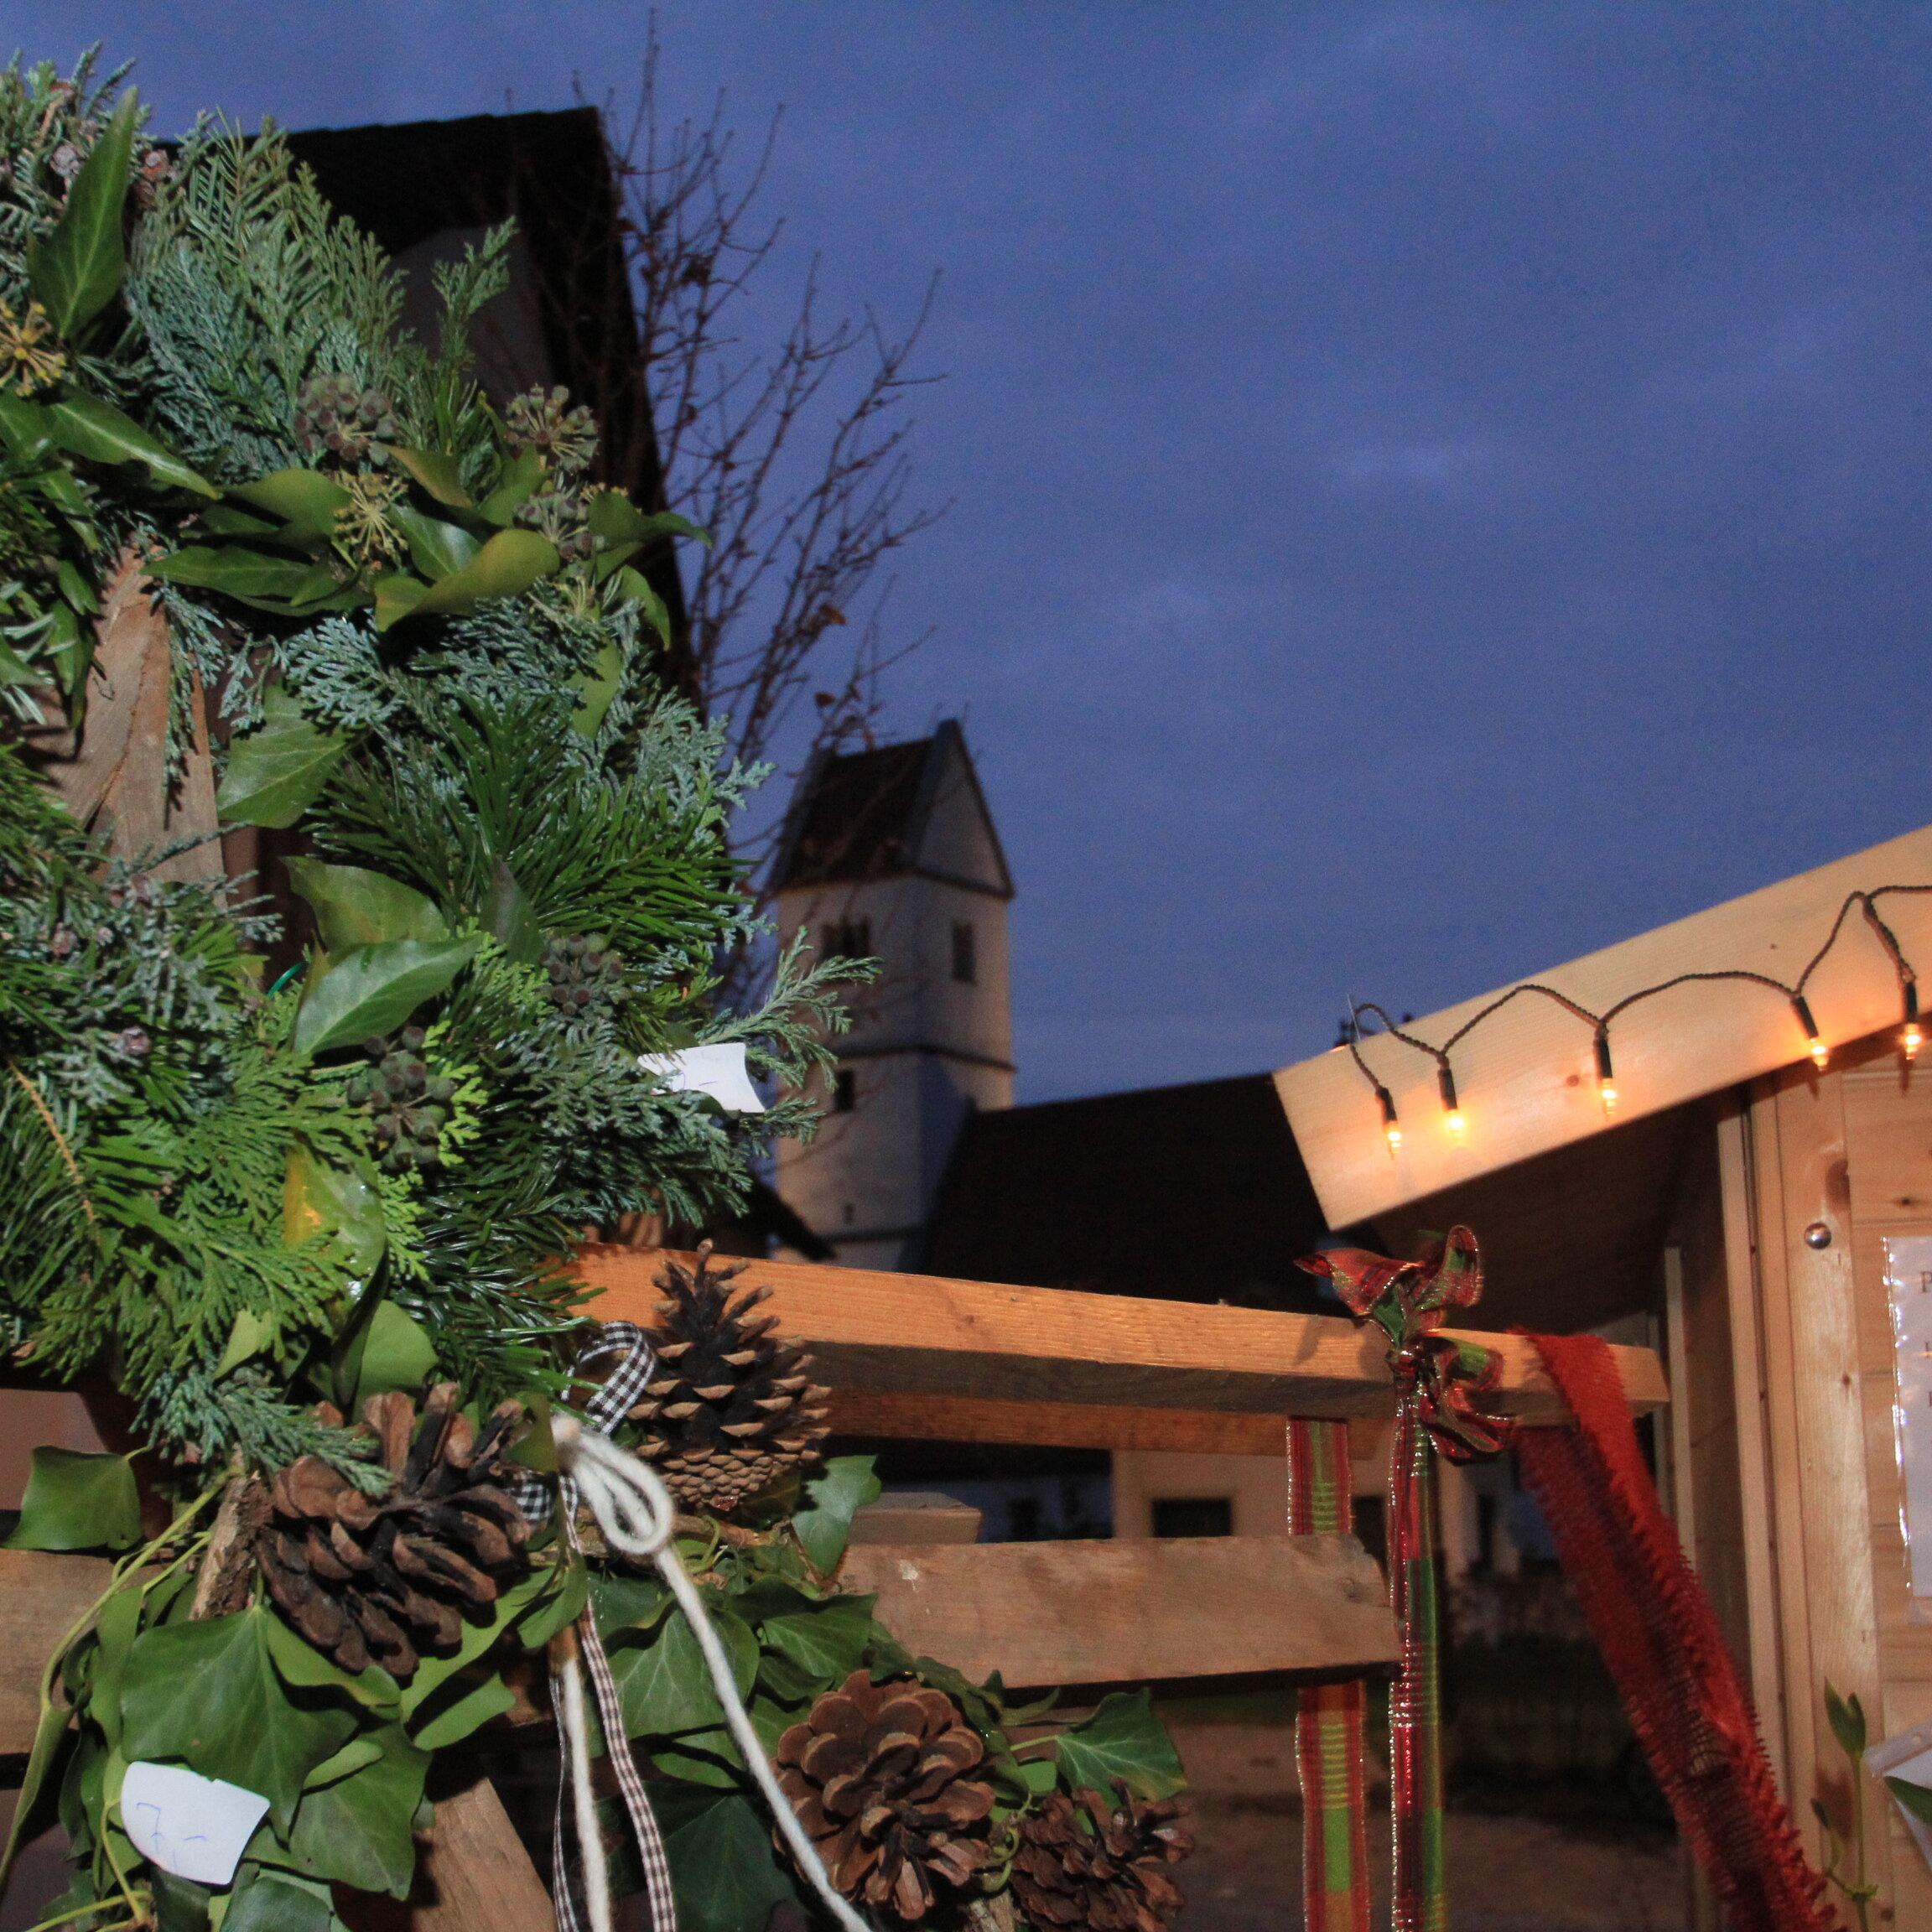 Adventmarkt in Surheim